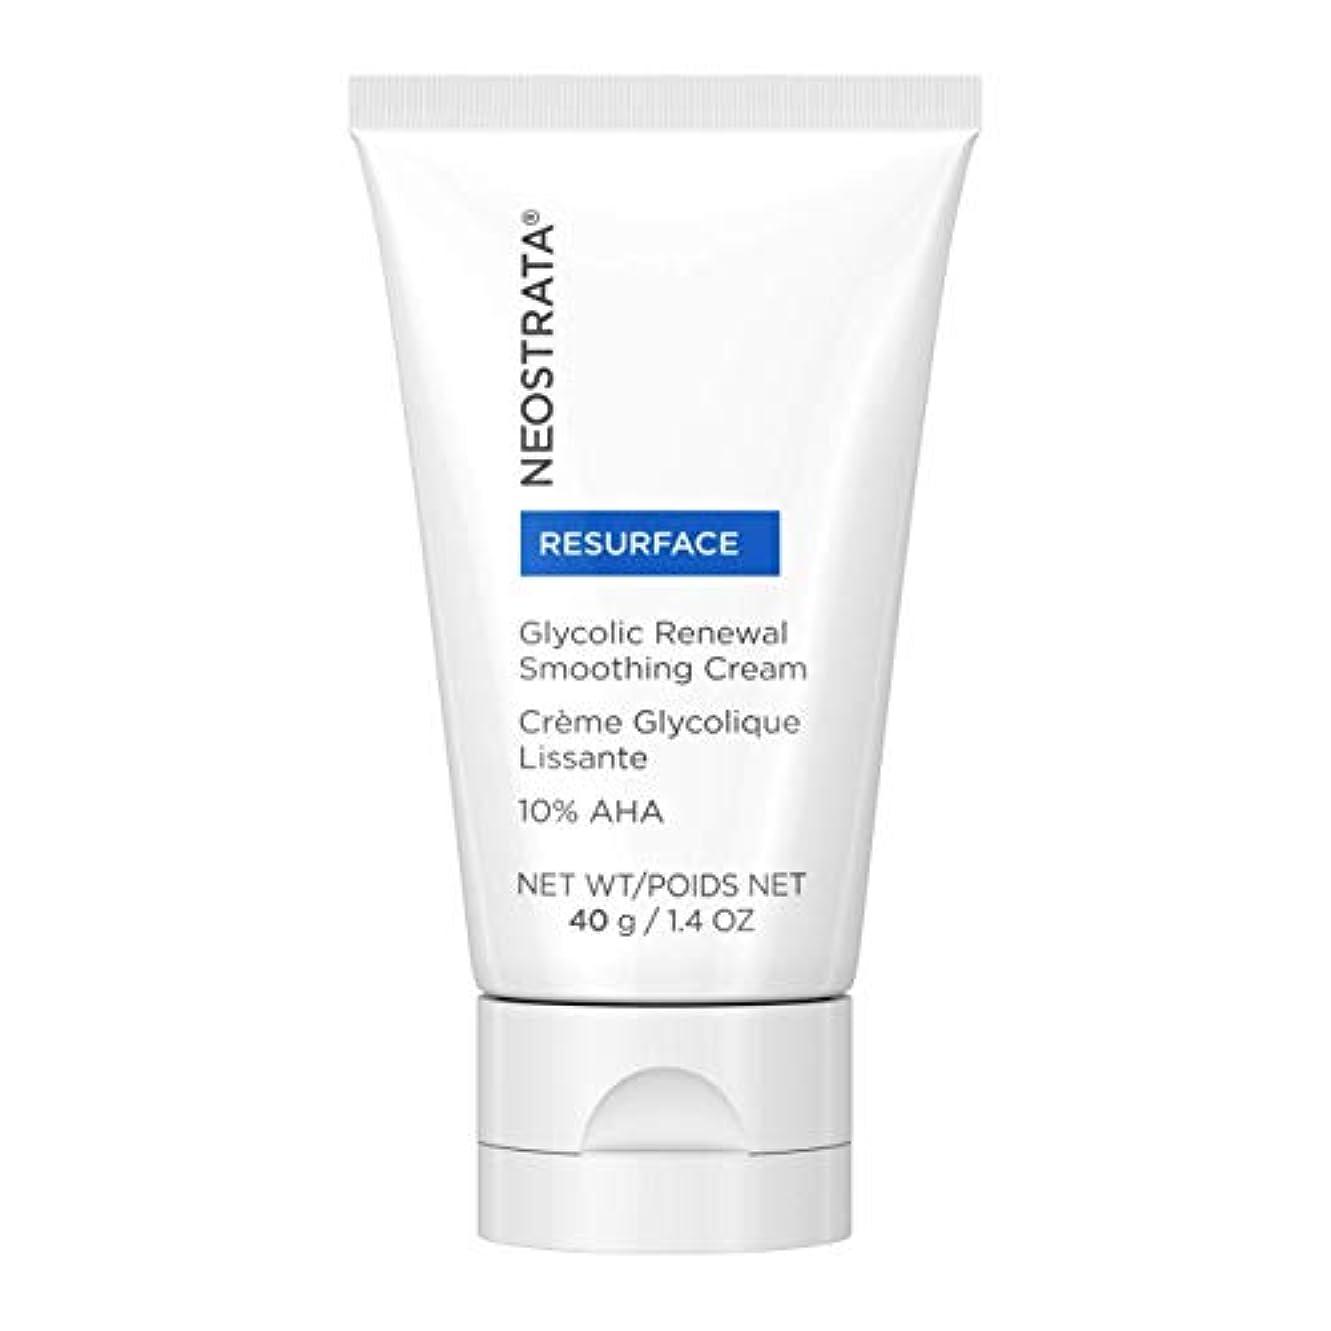 さようならアプローチ一定ネオストラータ Resurface - Glycolic Renewal Smoothing Cream 40g/1.4oz並行輸入品